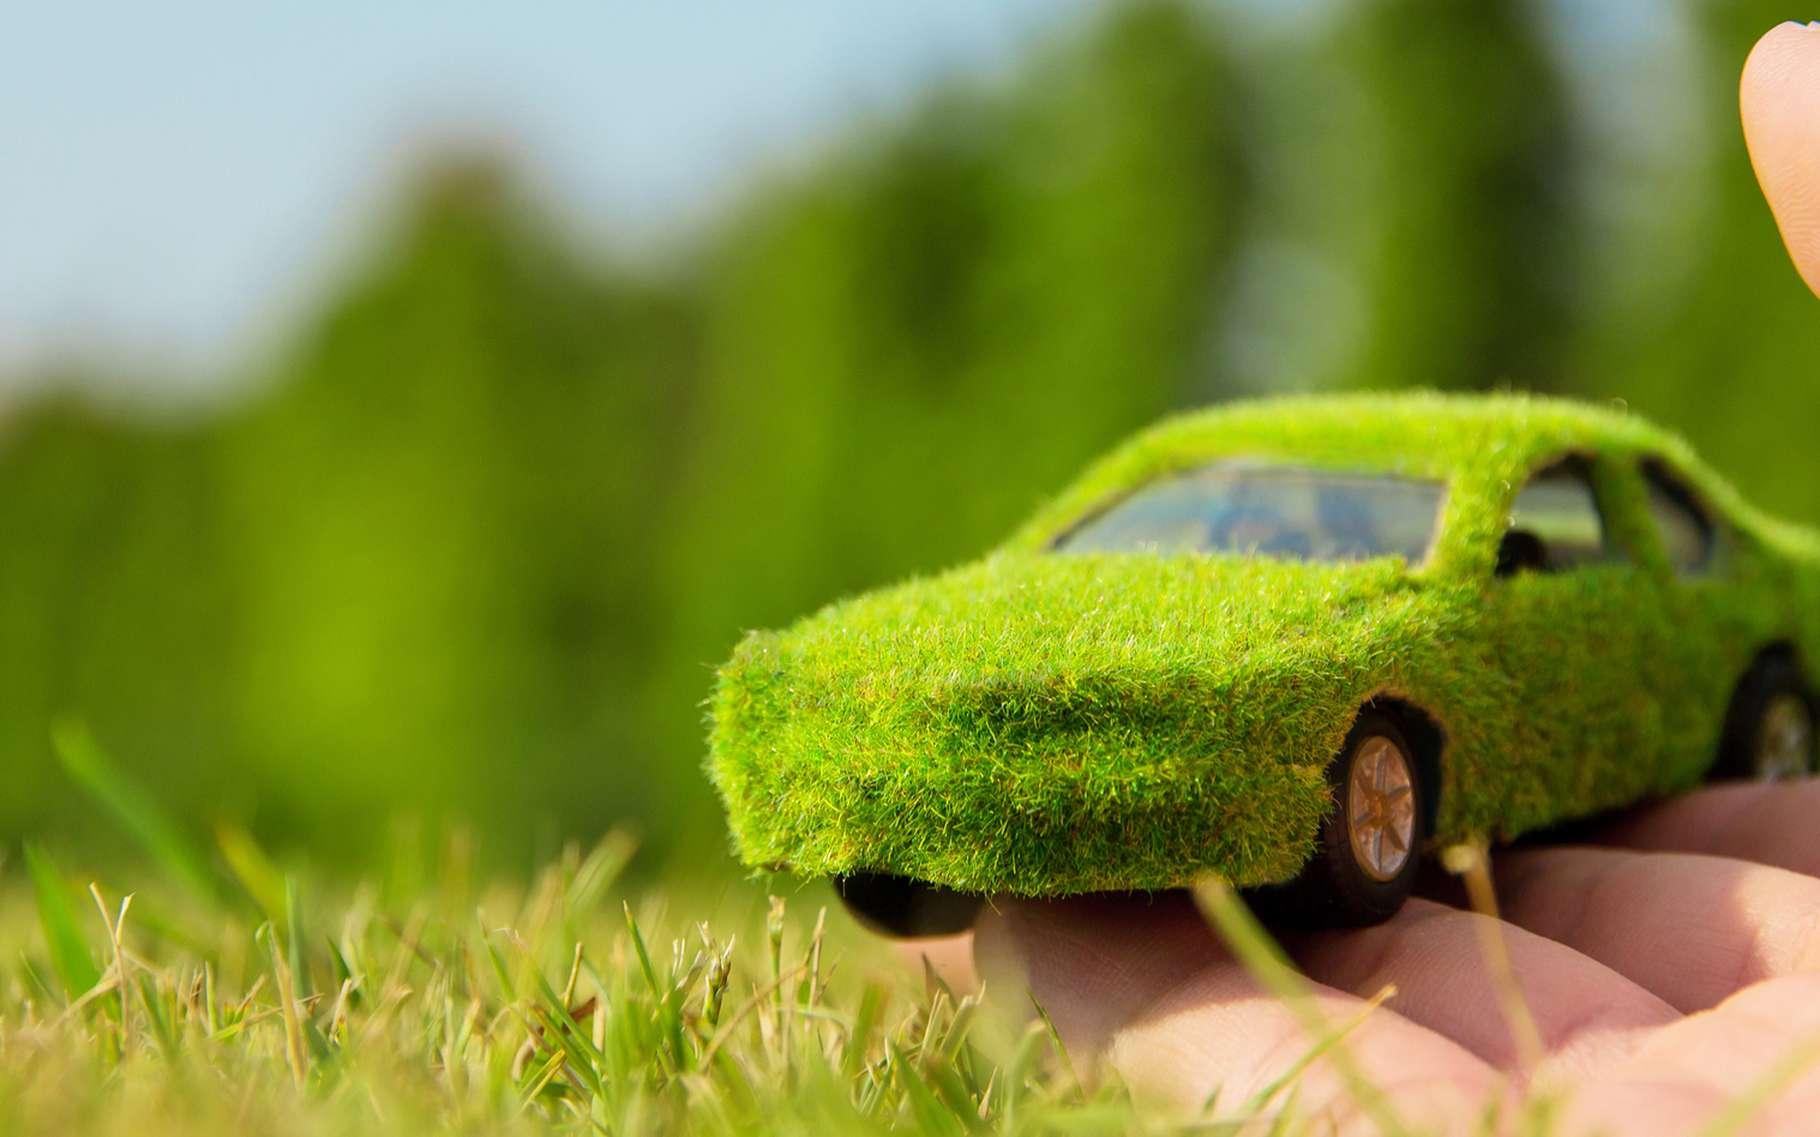 Selon des chercheurs du MIT, une voiture peut très bien être à la fois propre et économique. © ponsulak, Shutterstock